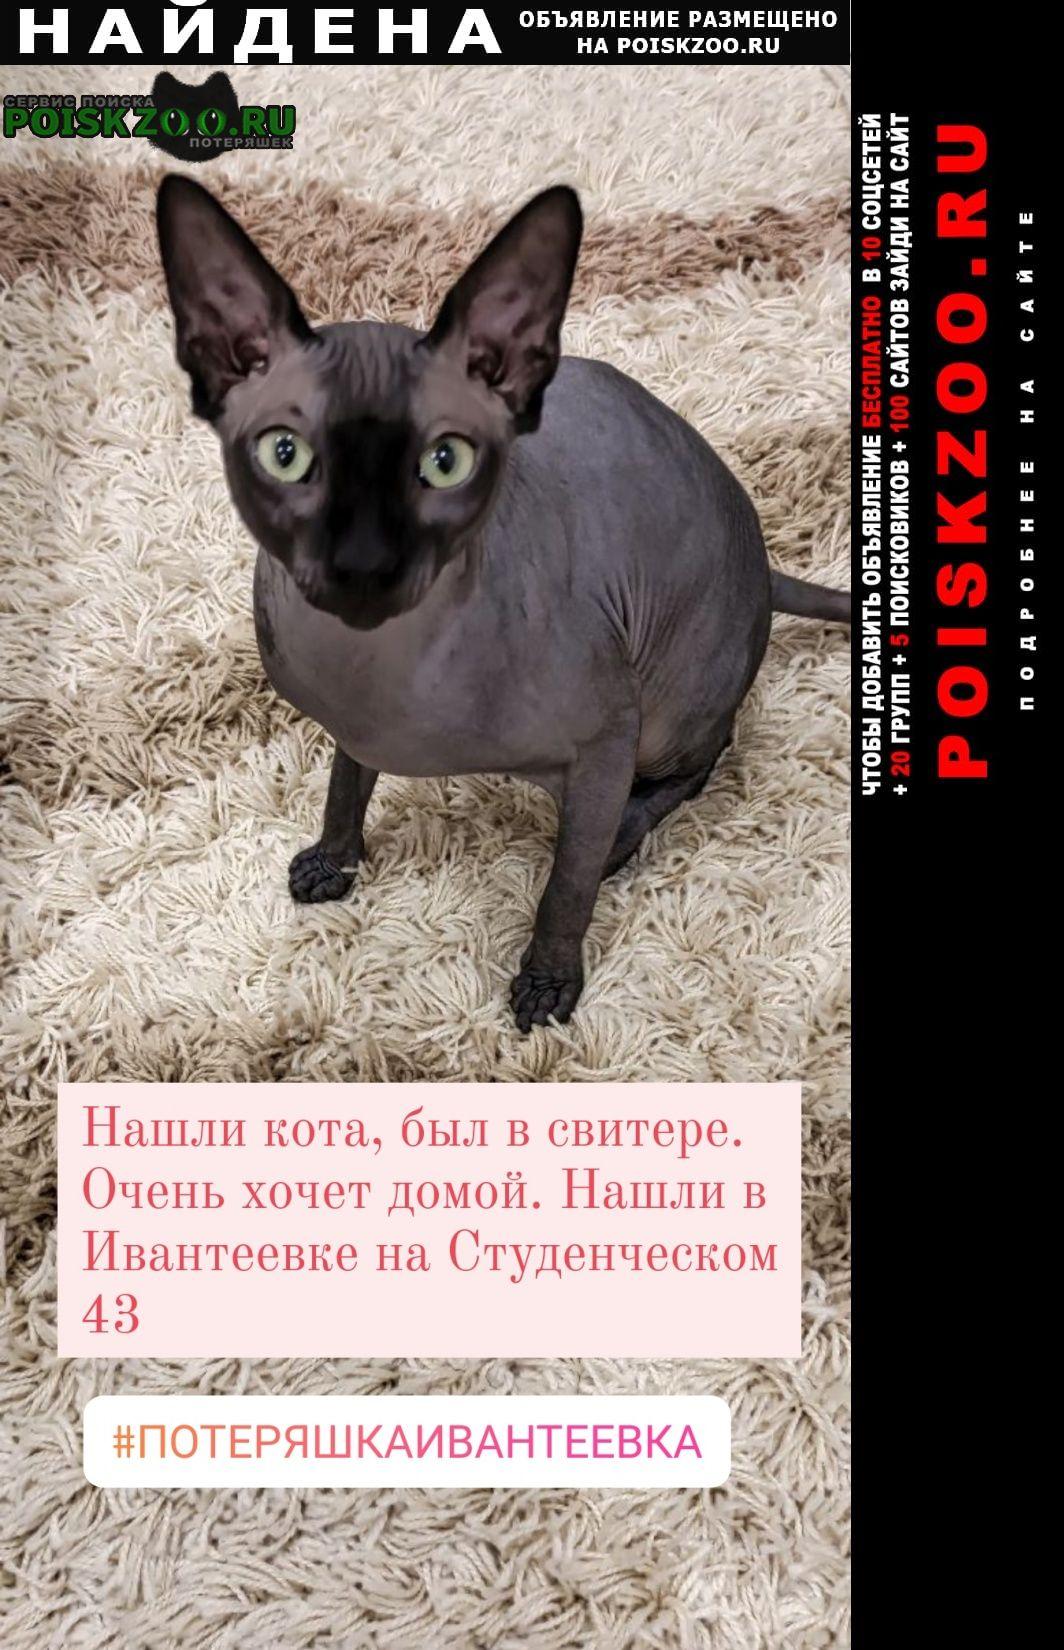 Найдена кошка кот сфинкс Ивантеевка (Московская обл.)